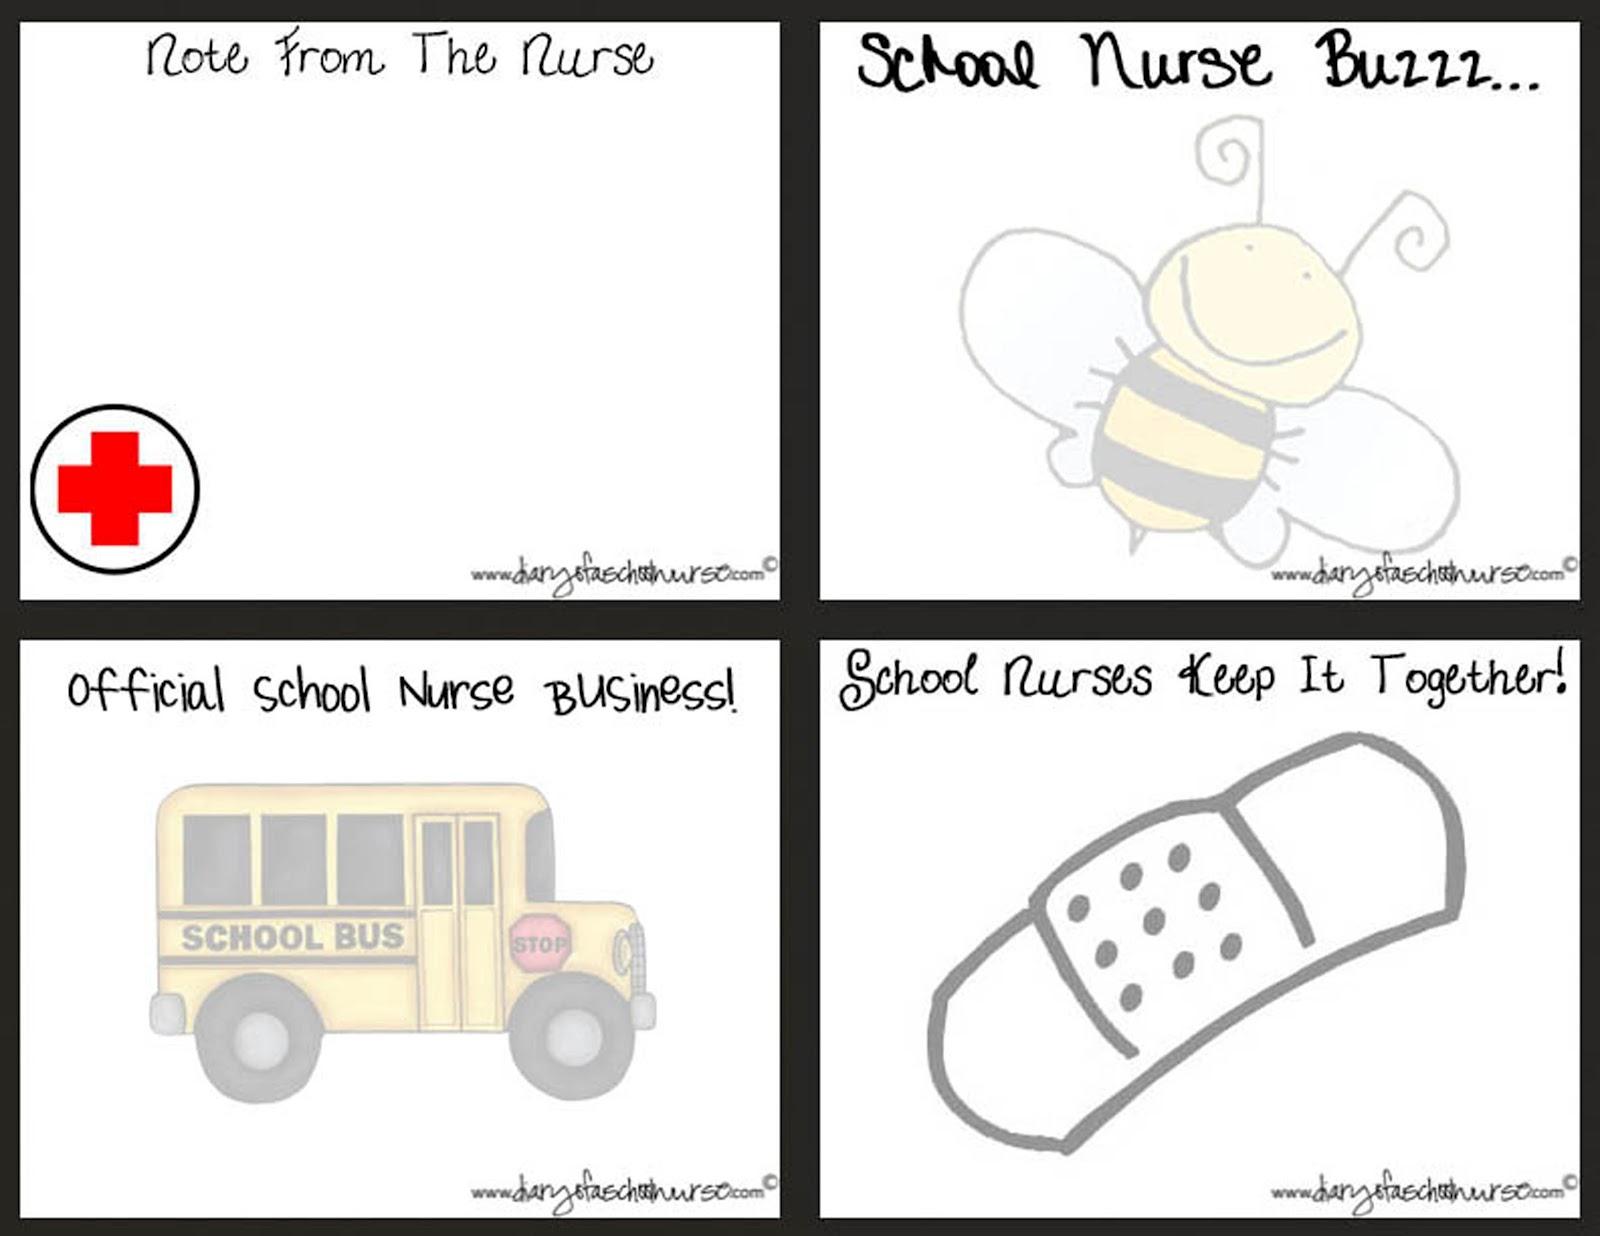 School nurse note cards